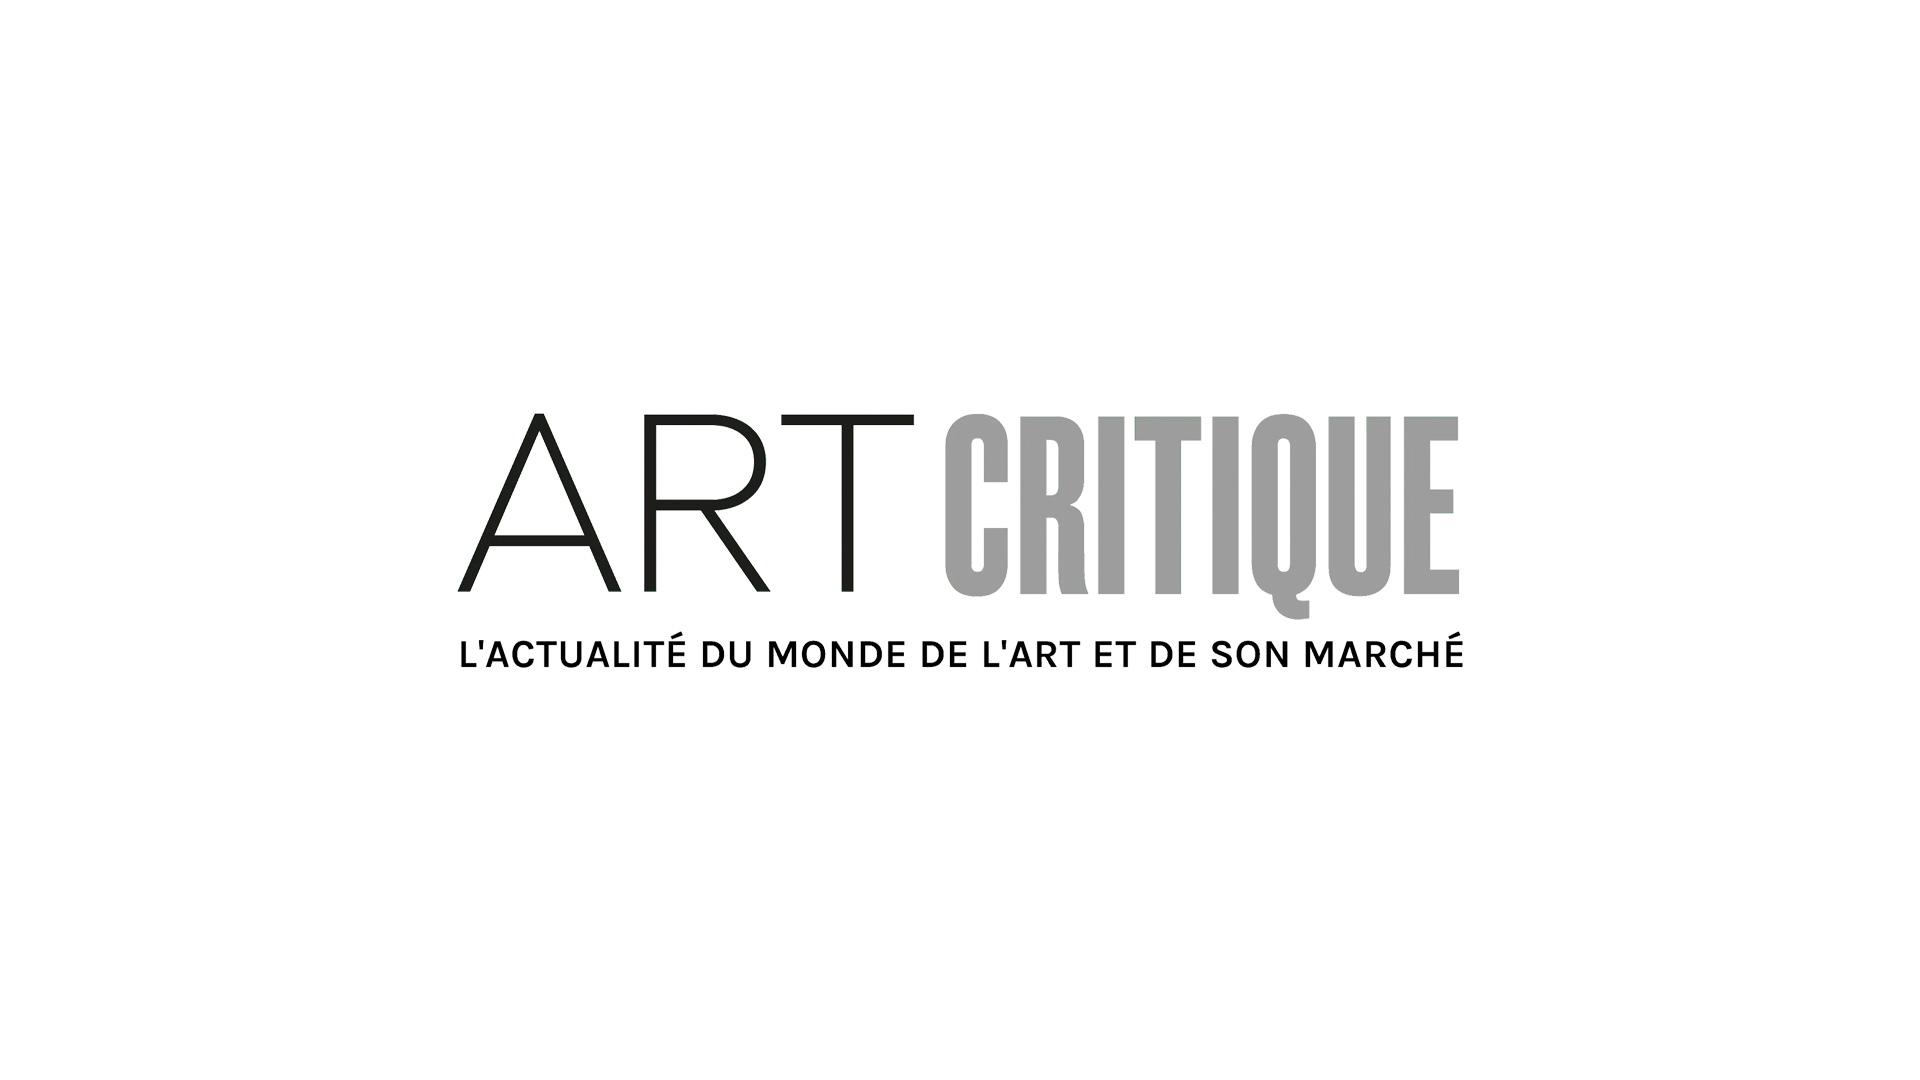 Succès pour la Biennale de Rabat